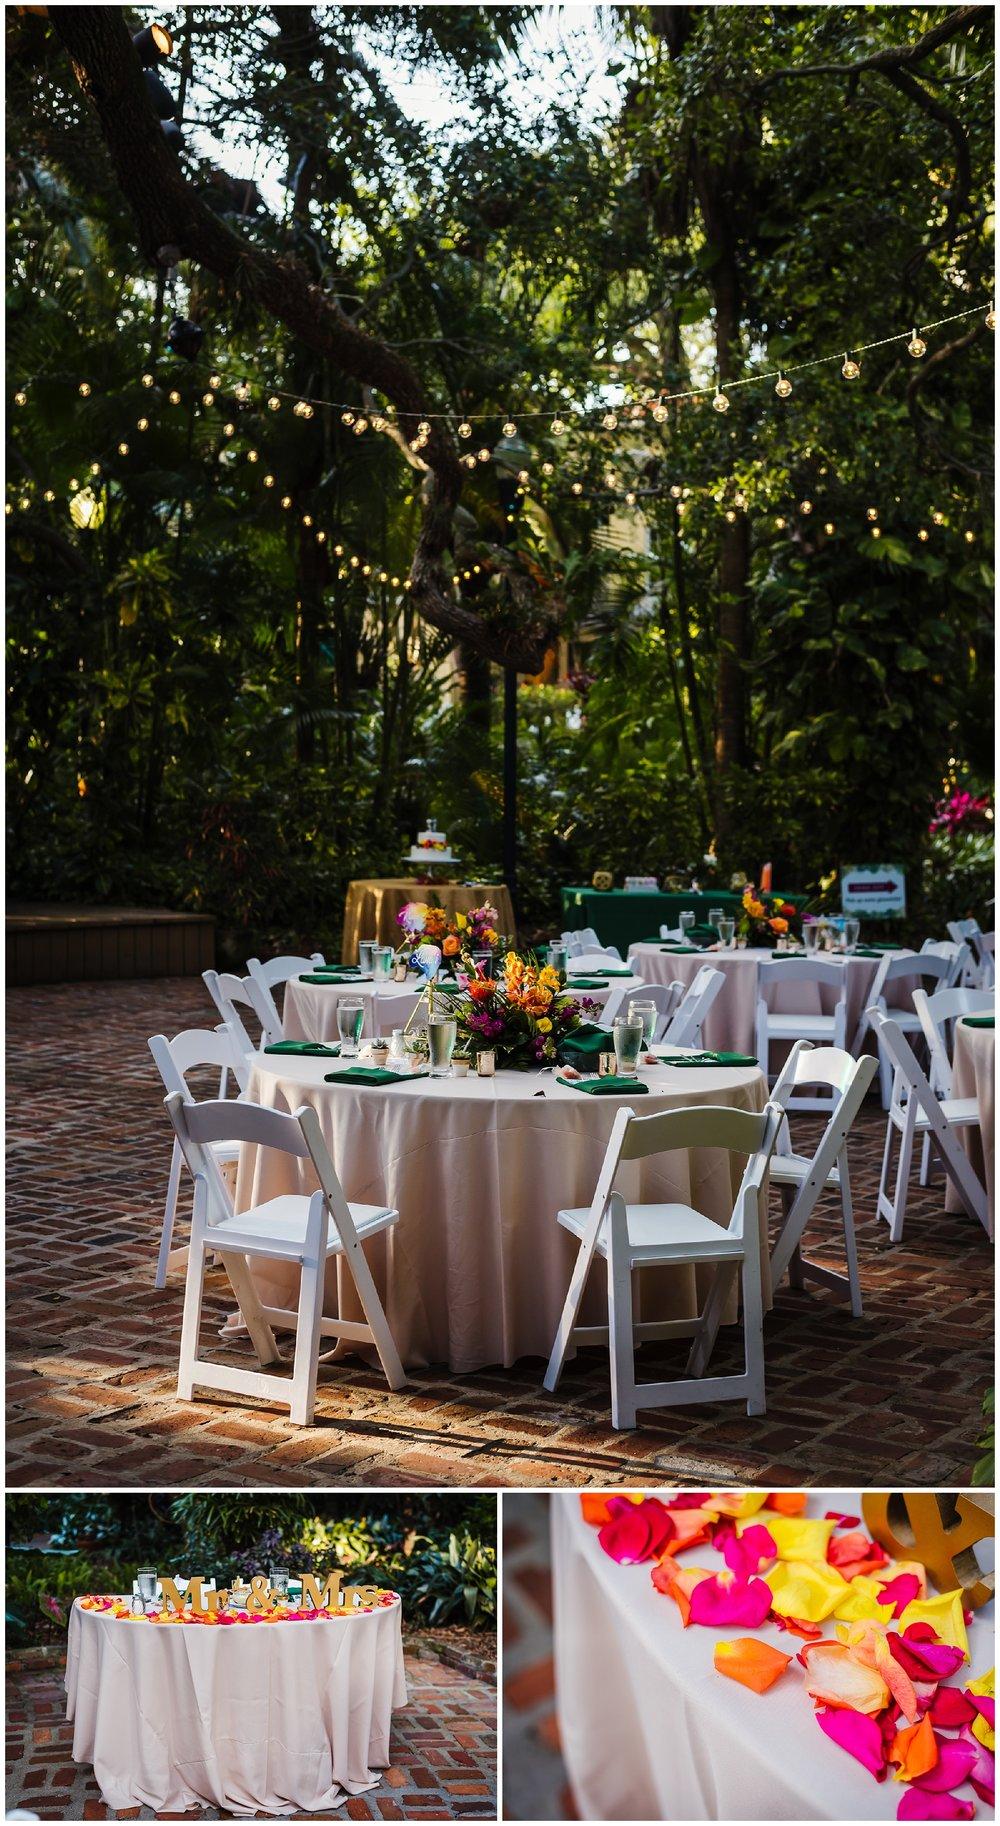 st-pete-wedding-photographer-post-card-inn-sunken-gardens-hawaiian-theme-dueling-pianos_0042.jpg